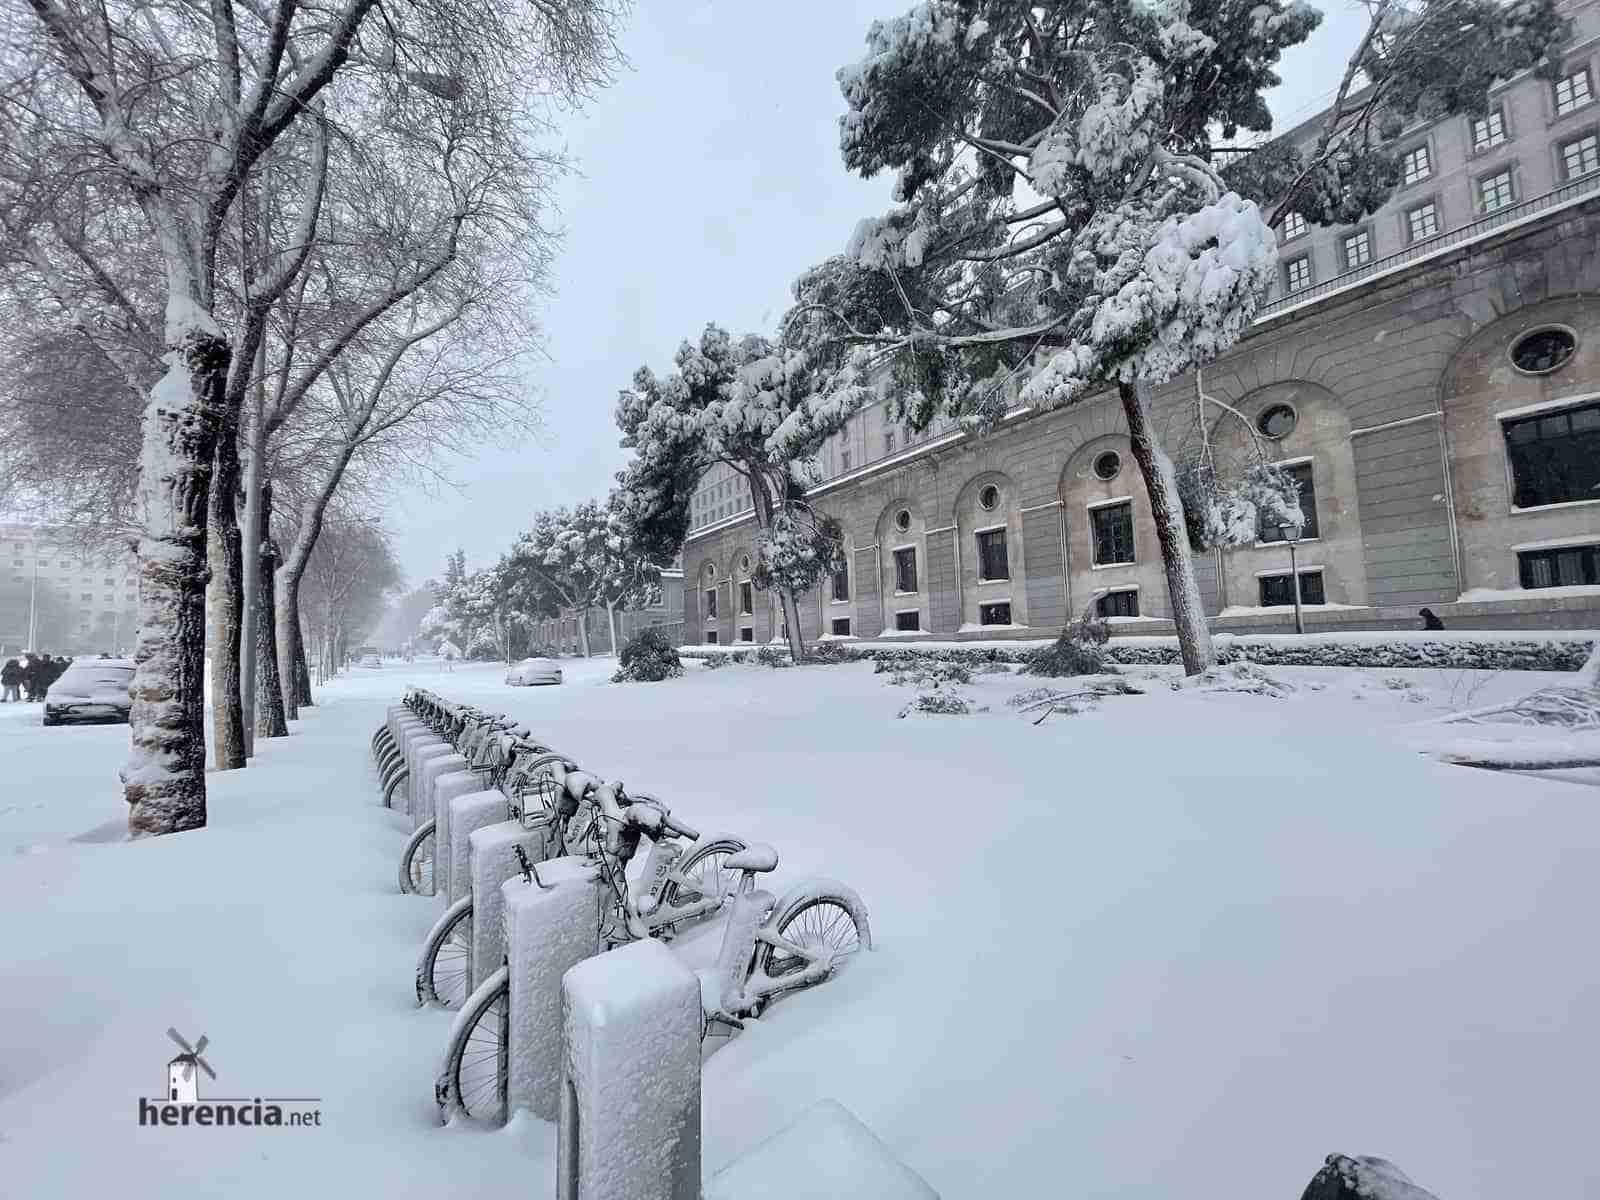 Fotografías de la nevada de enero en Madrid (España) 127